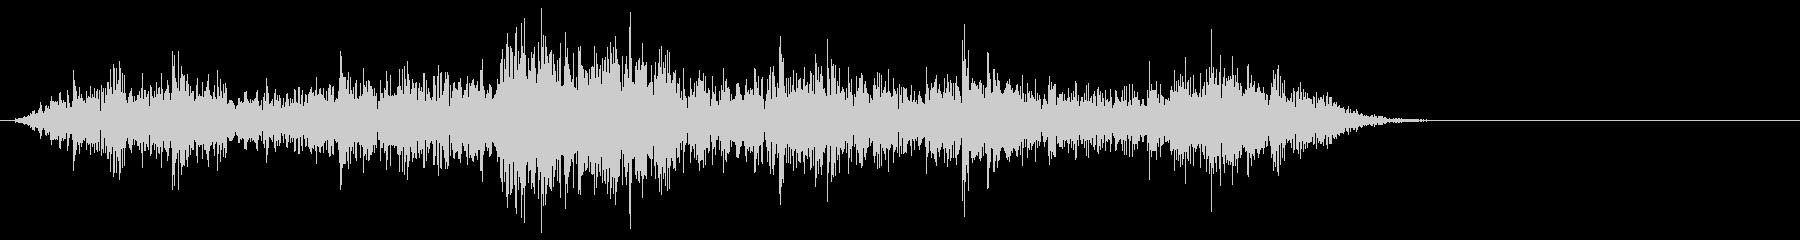 [生音]ビー玉が転がる03(ミドル)の未再生の波形